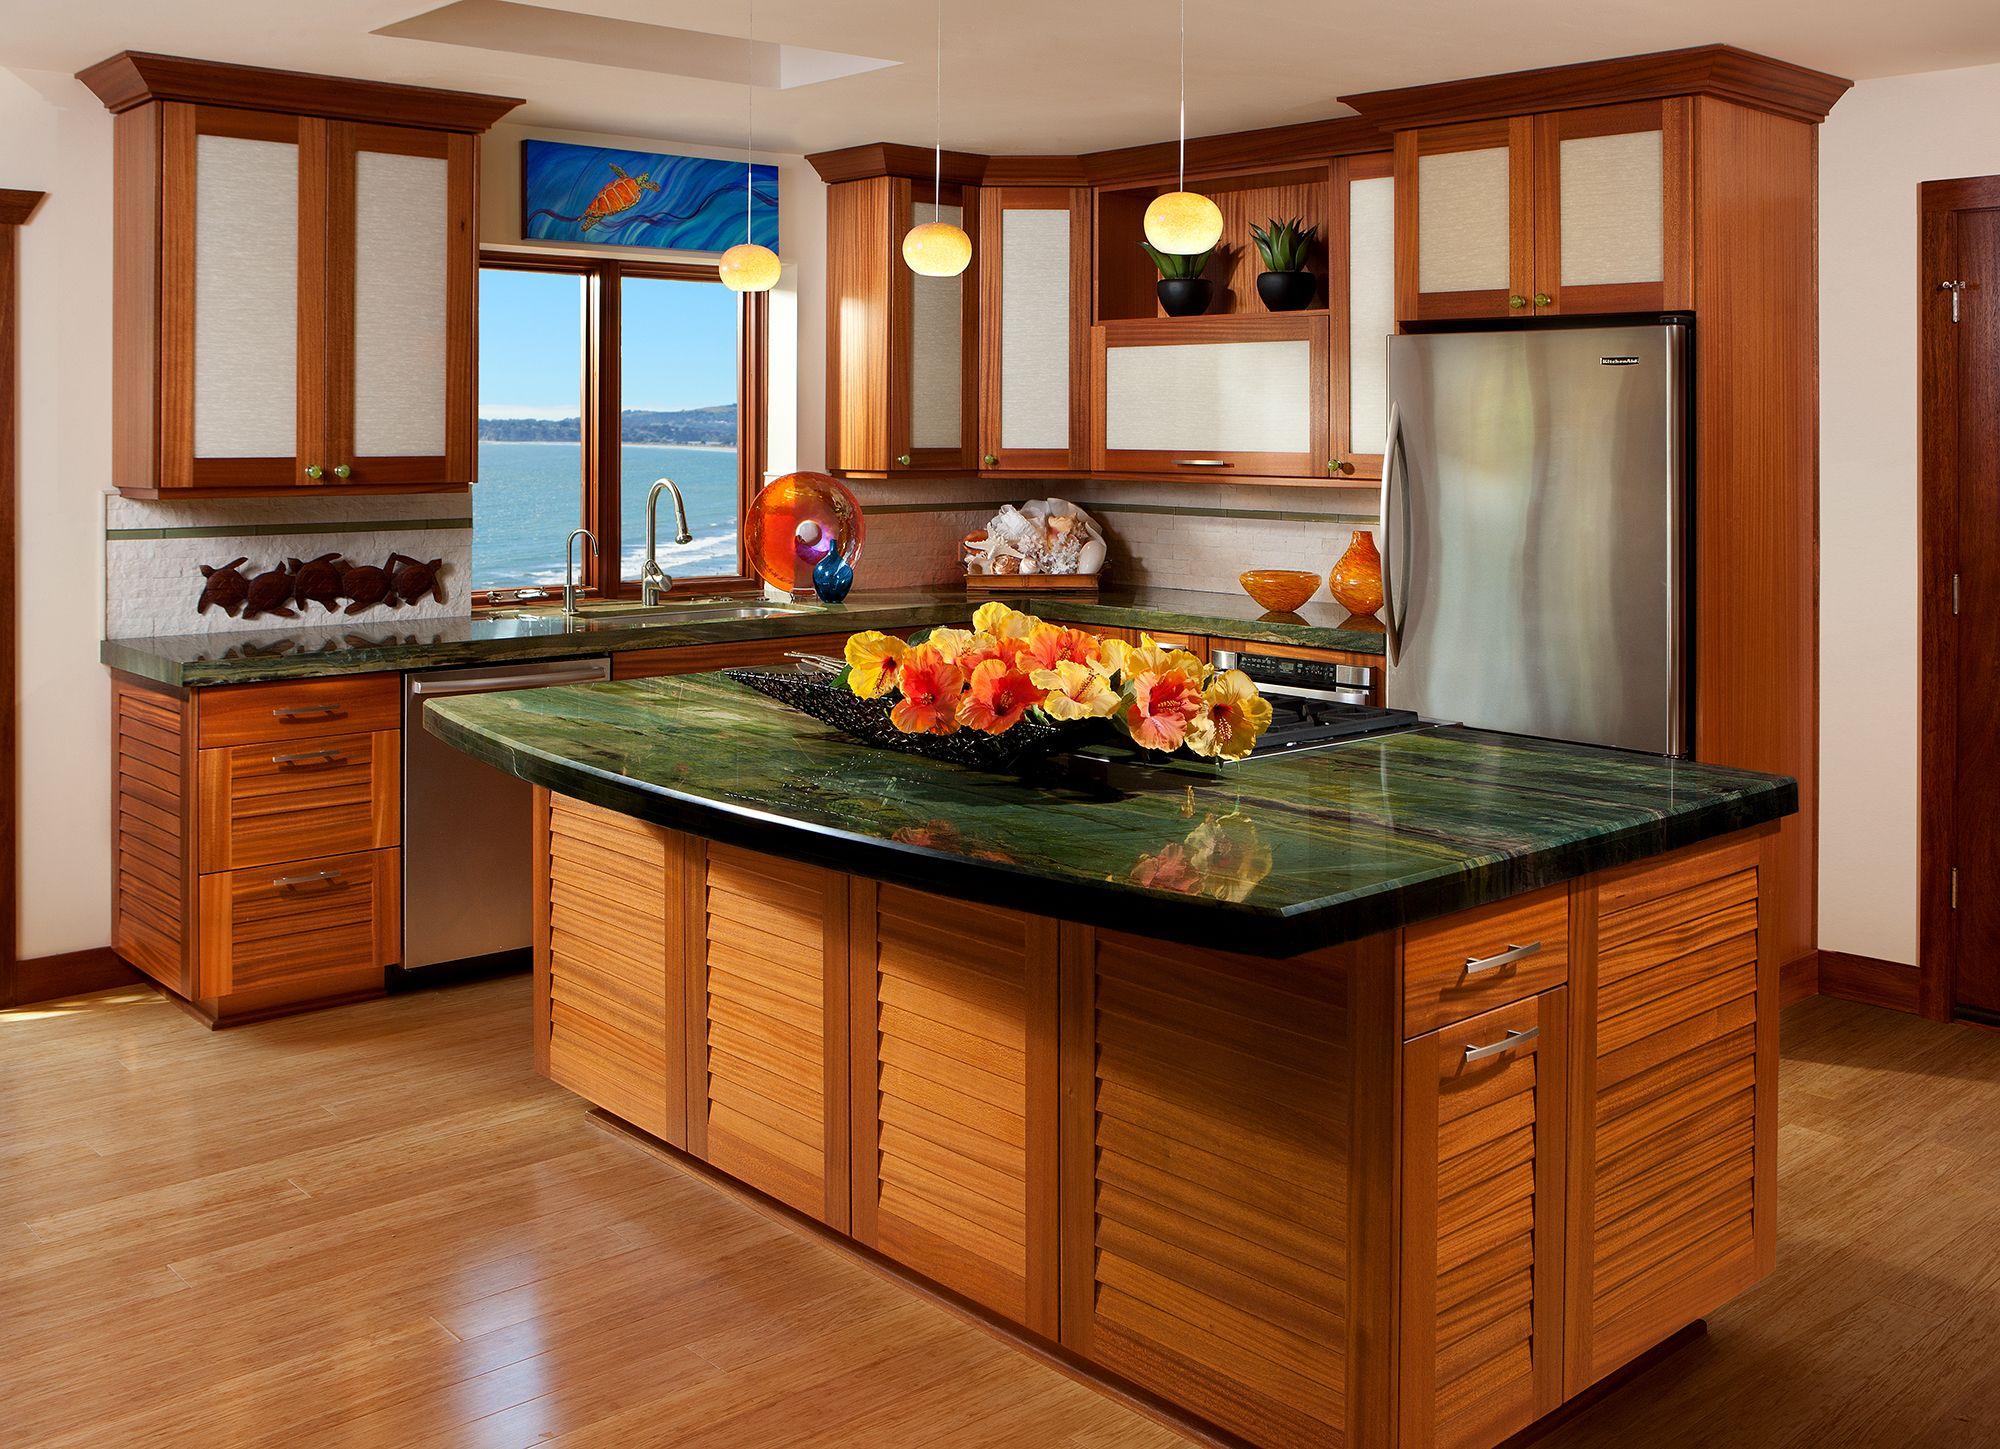 Beachy Casual Kitchen Dewils Com Kitchen Cabinets In Bathroom Custom Kitchen Cabinets Kitchen Redo